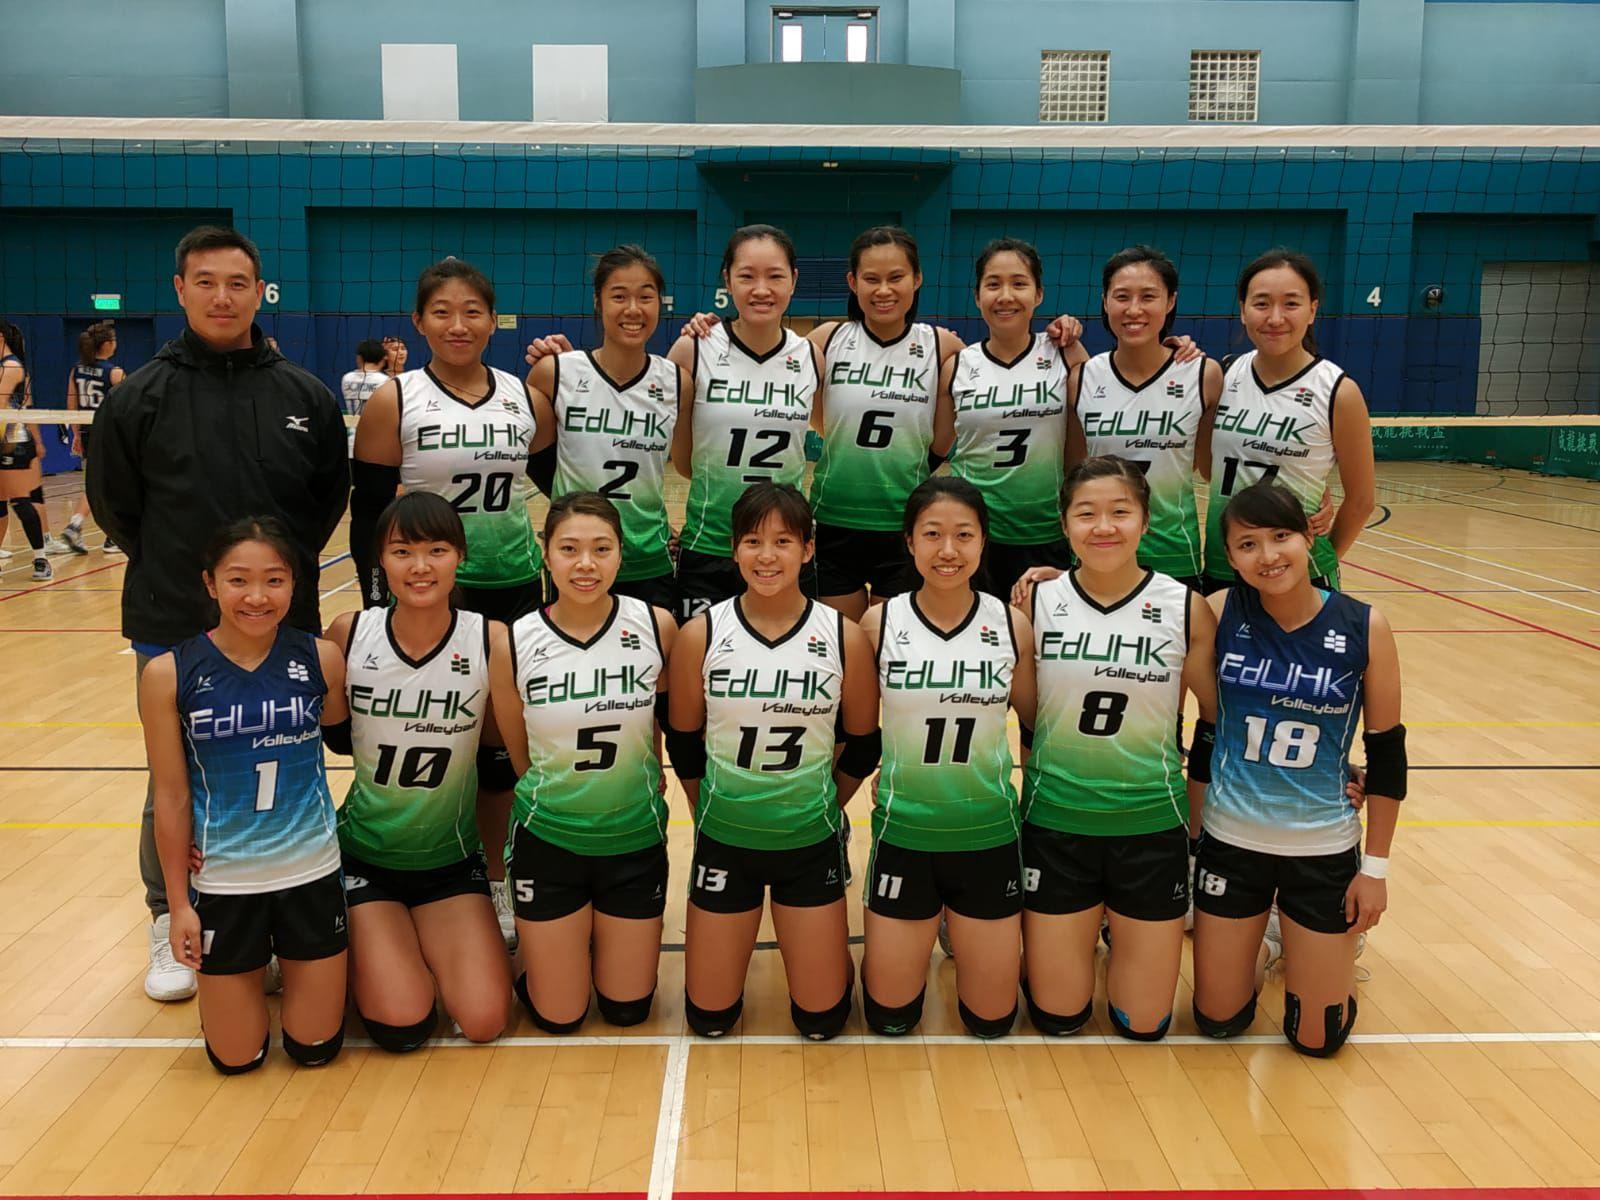 2018-19 女子排球比賽